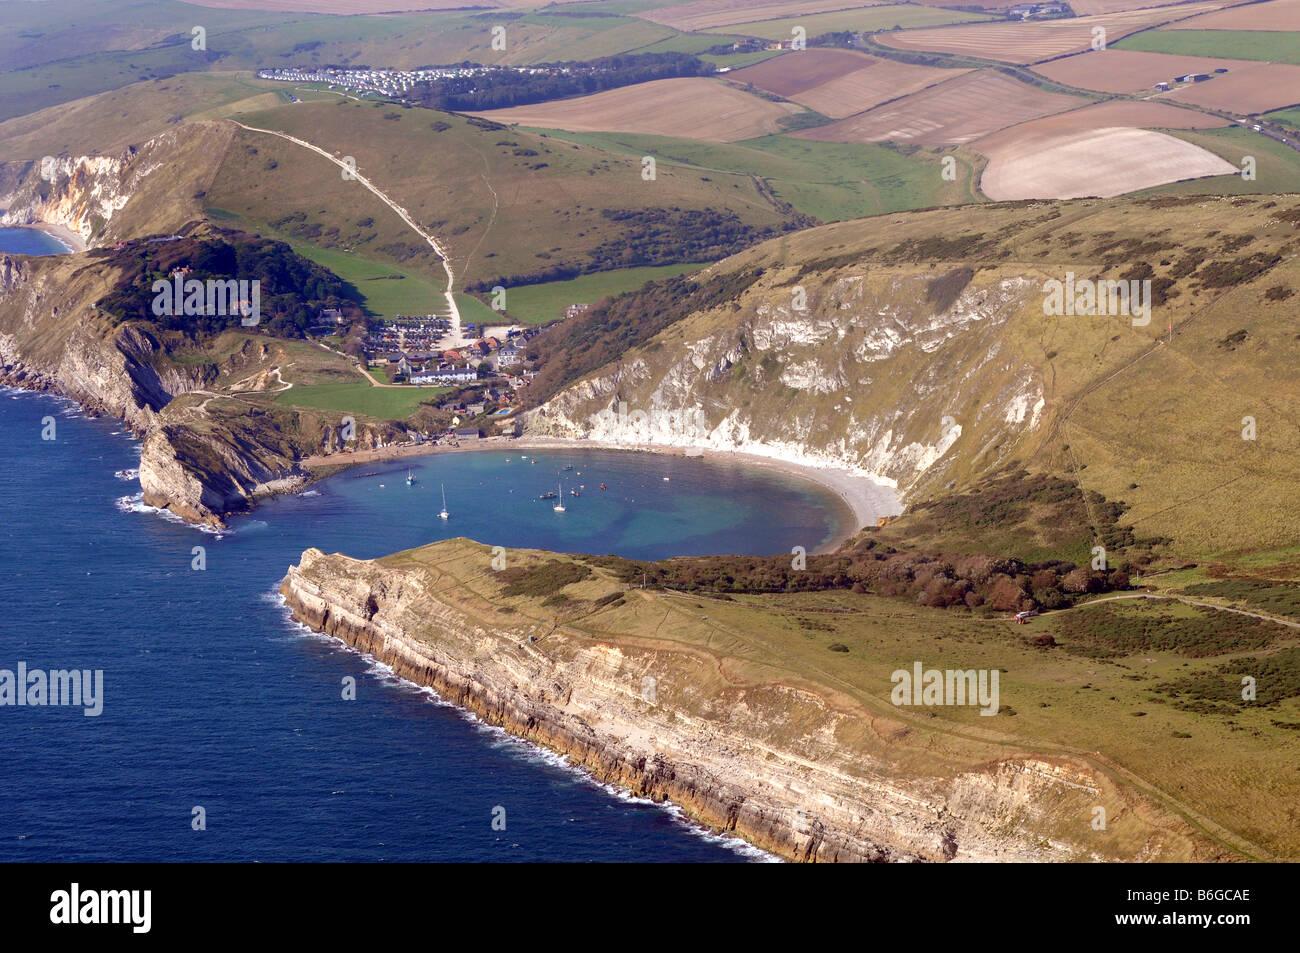 Lulworth Cove, aerial view, Dorset, Britain, UK - Stock Image